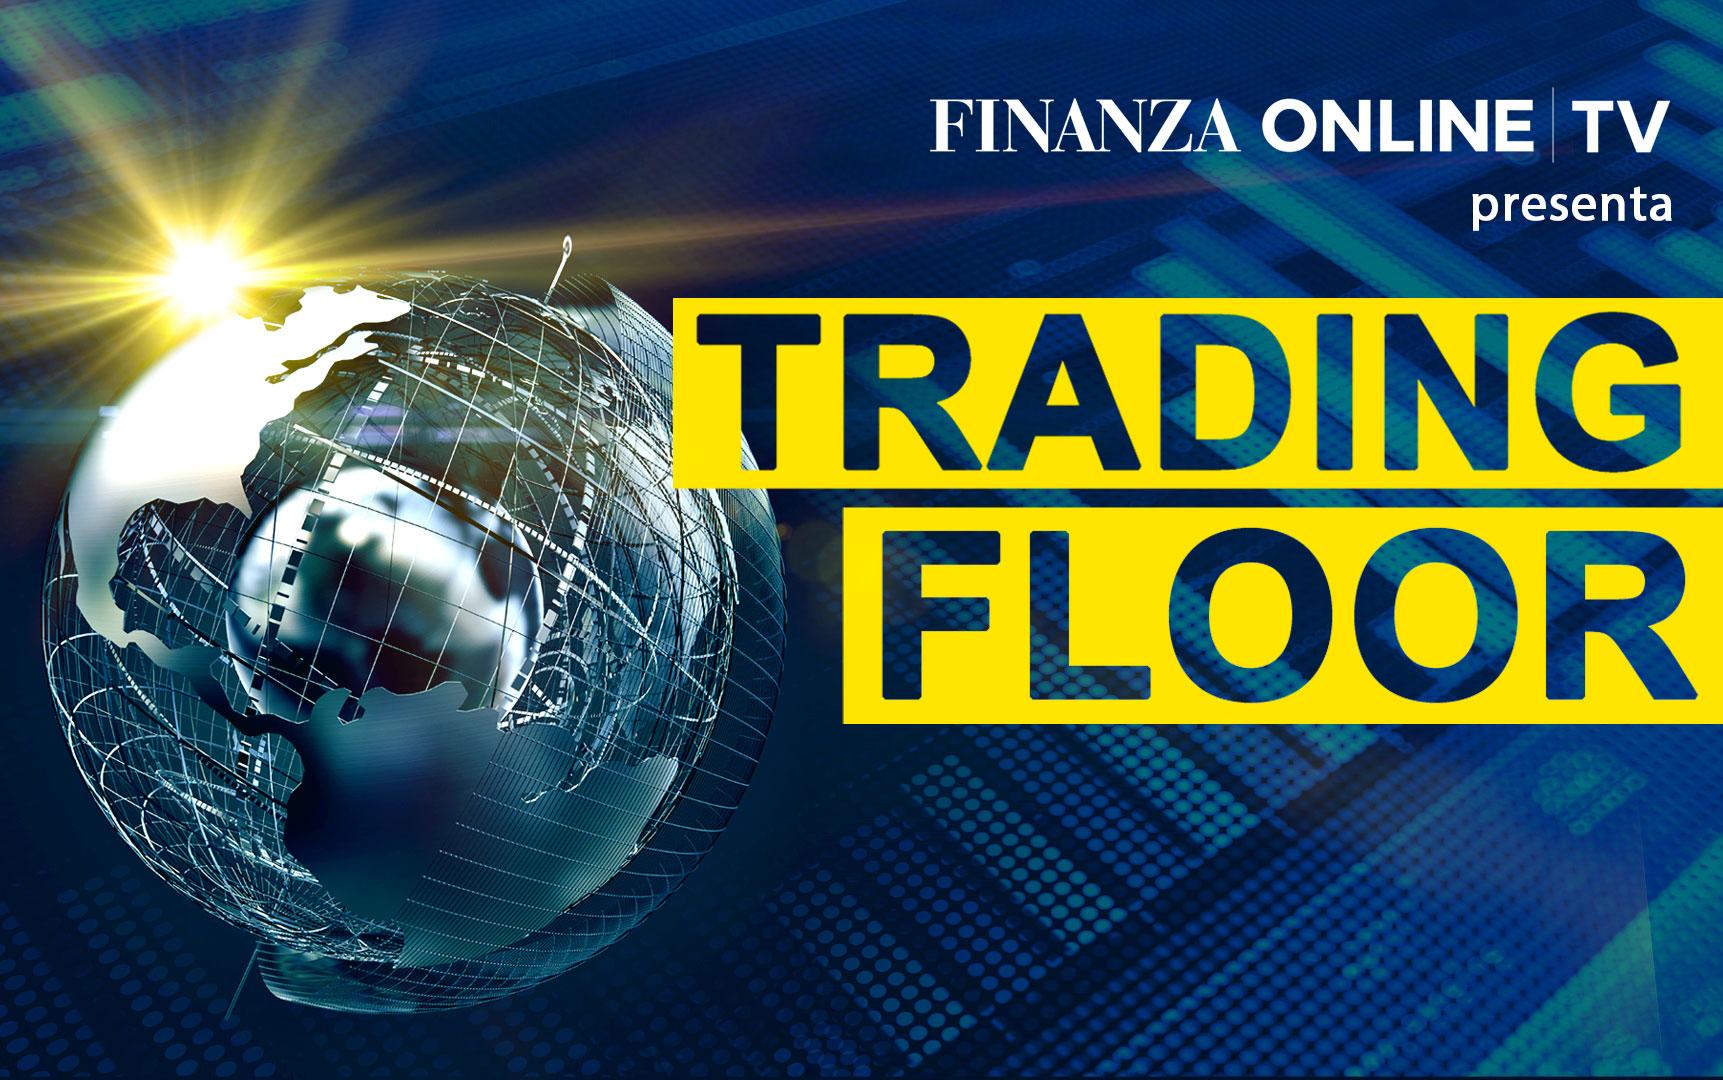 9f782572a6 Ftse Mib: indice ancorato a 21.000 punti. FCA persiste in area 13 euro -  FinanzaOnline